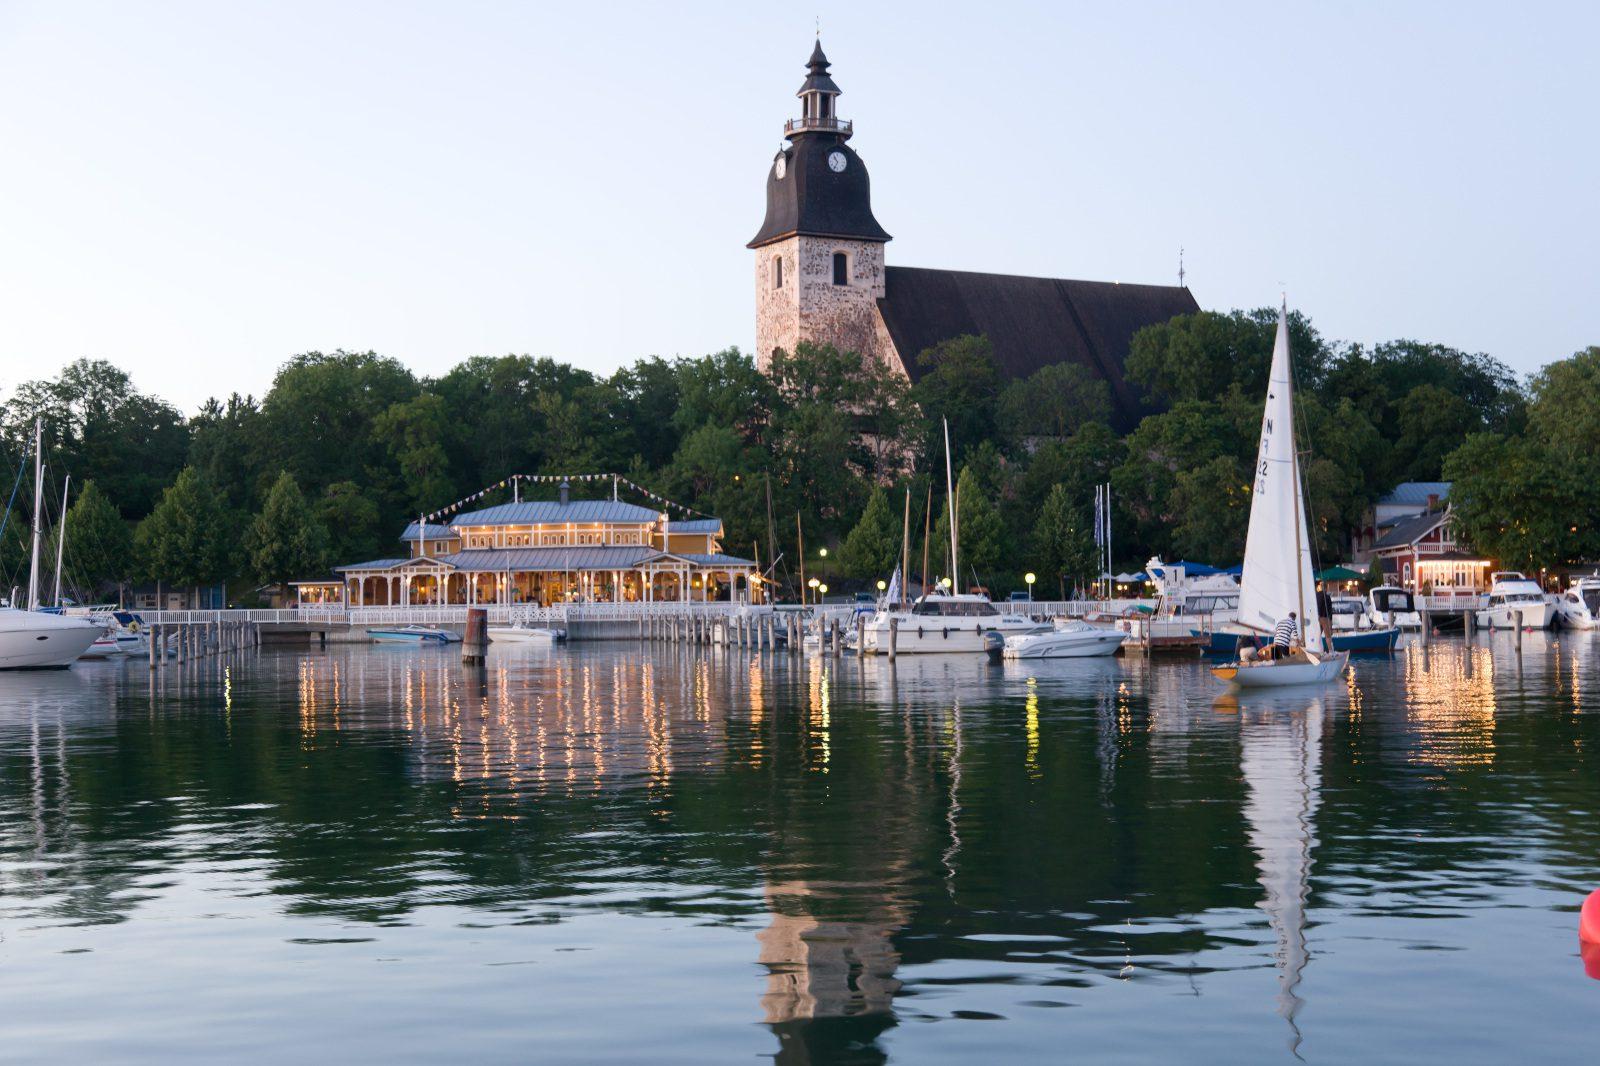 Naantalin kirkko ja merenlahti, tyyni kesäilta. Vierasvenesatamaan purjehtii purjevene.